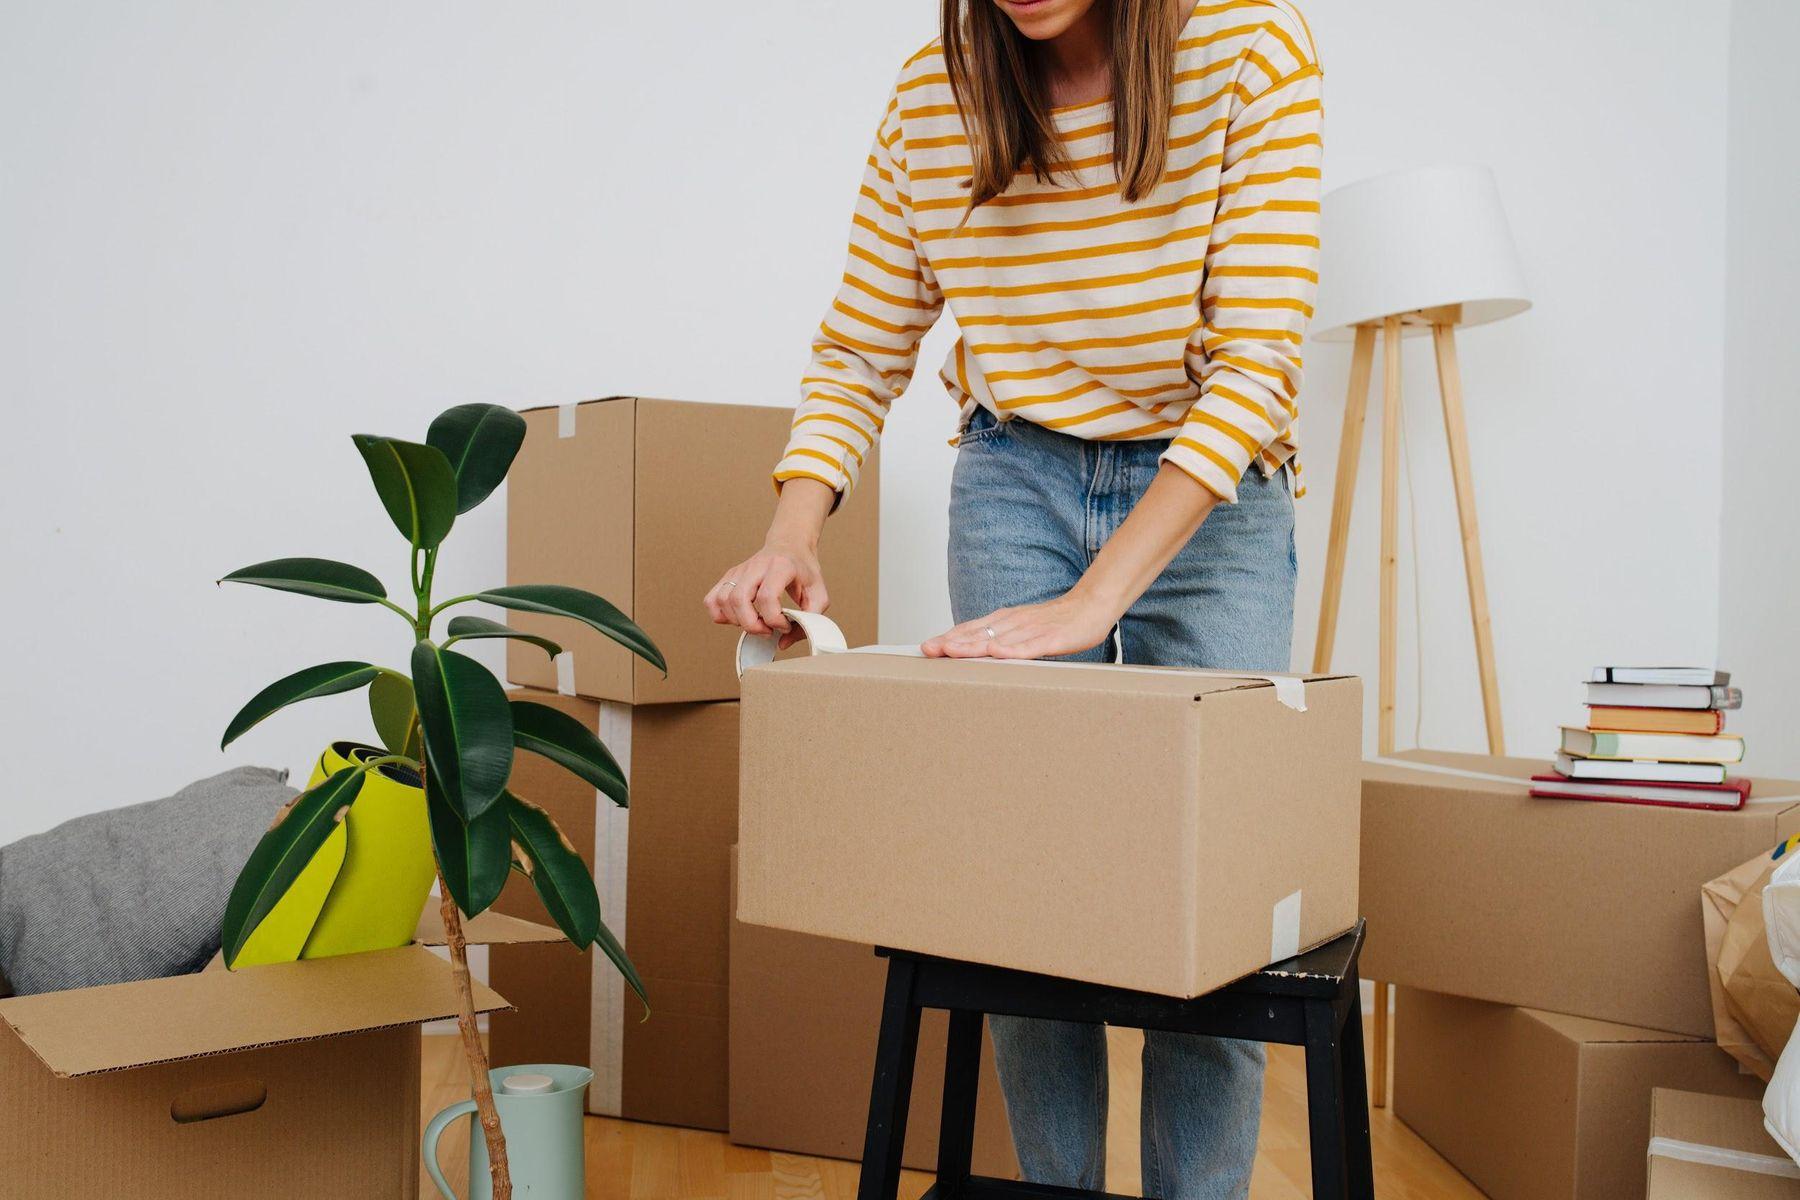 Mulher fechando caixa de papelão com fita adesiva